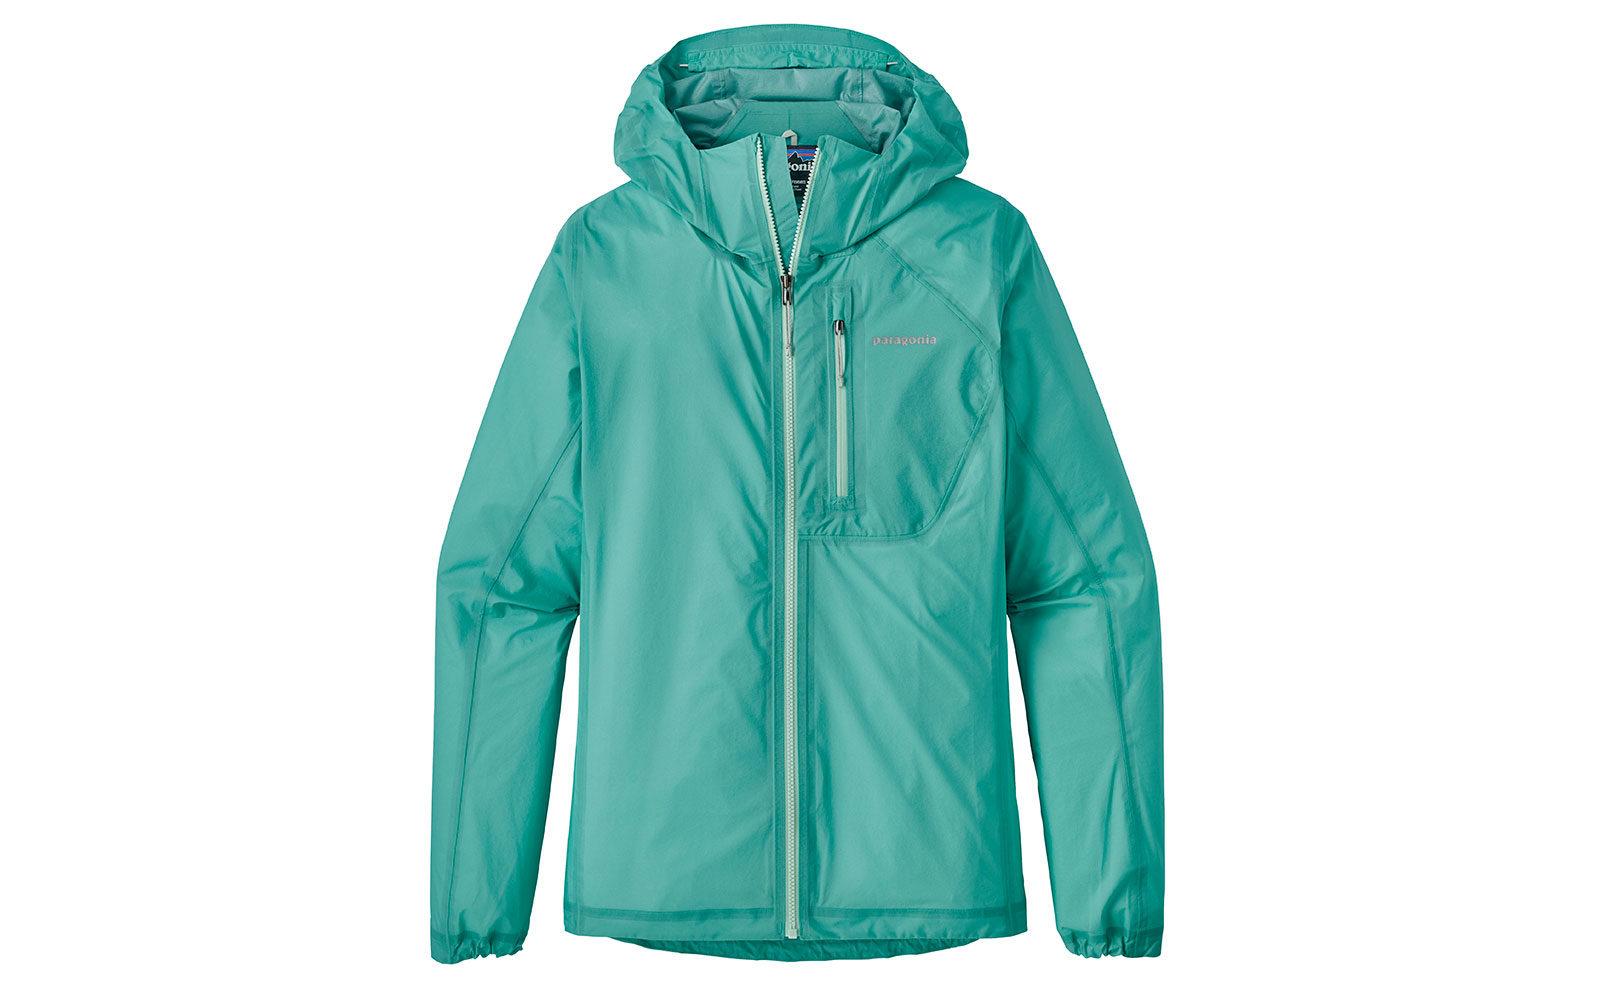 Patagonia W Storm Racer Jacket, superleggera in nylon ripstop 3 strati, con fodera interna in morbido tricot e tasca sul petto per contenere il capo ripiegato, euro 280